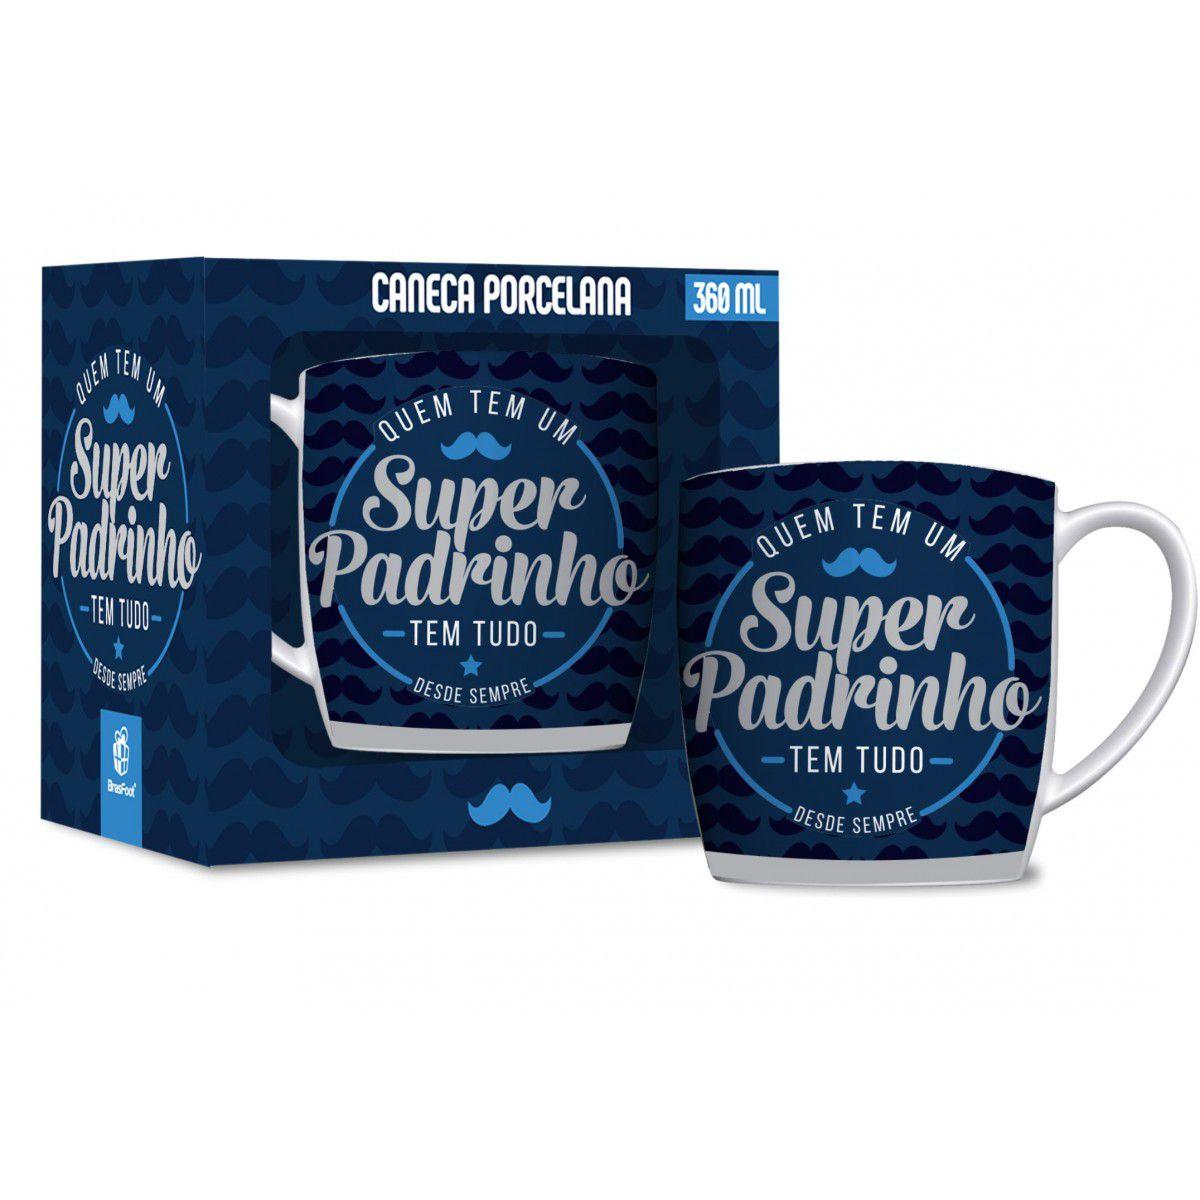 Caneca Urban - Super Padrinho